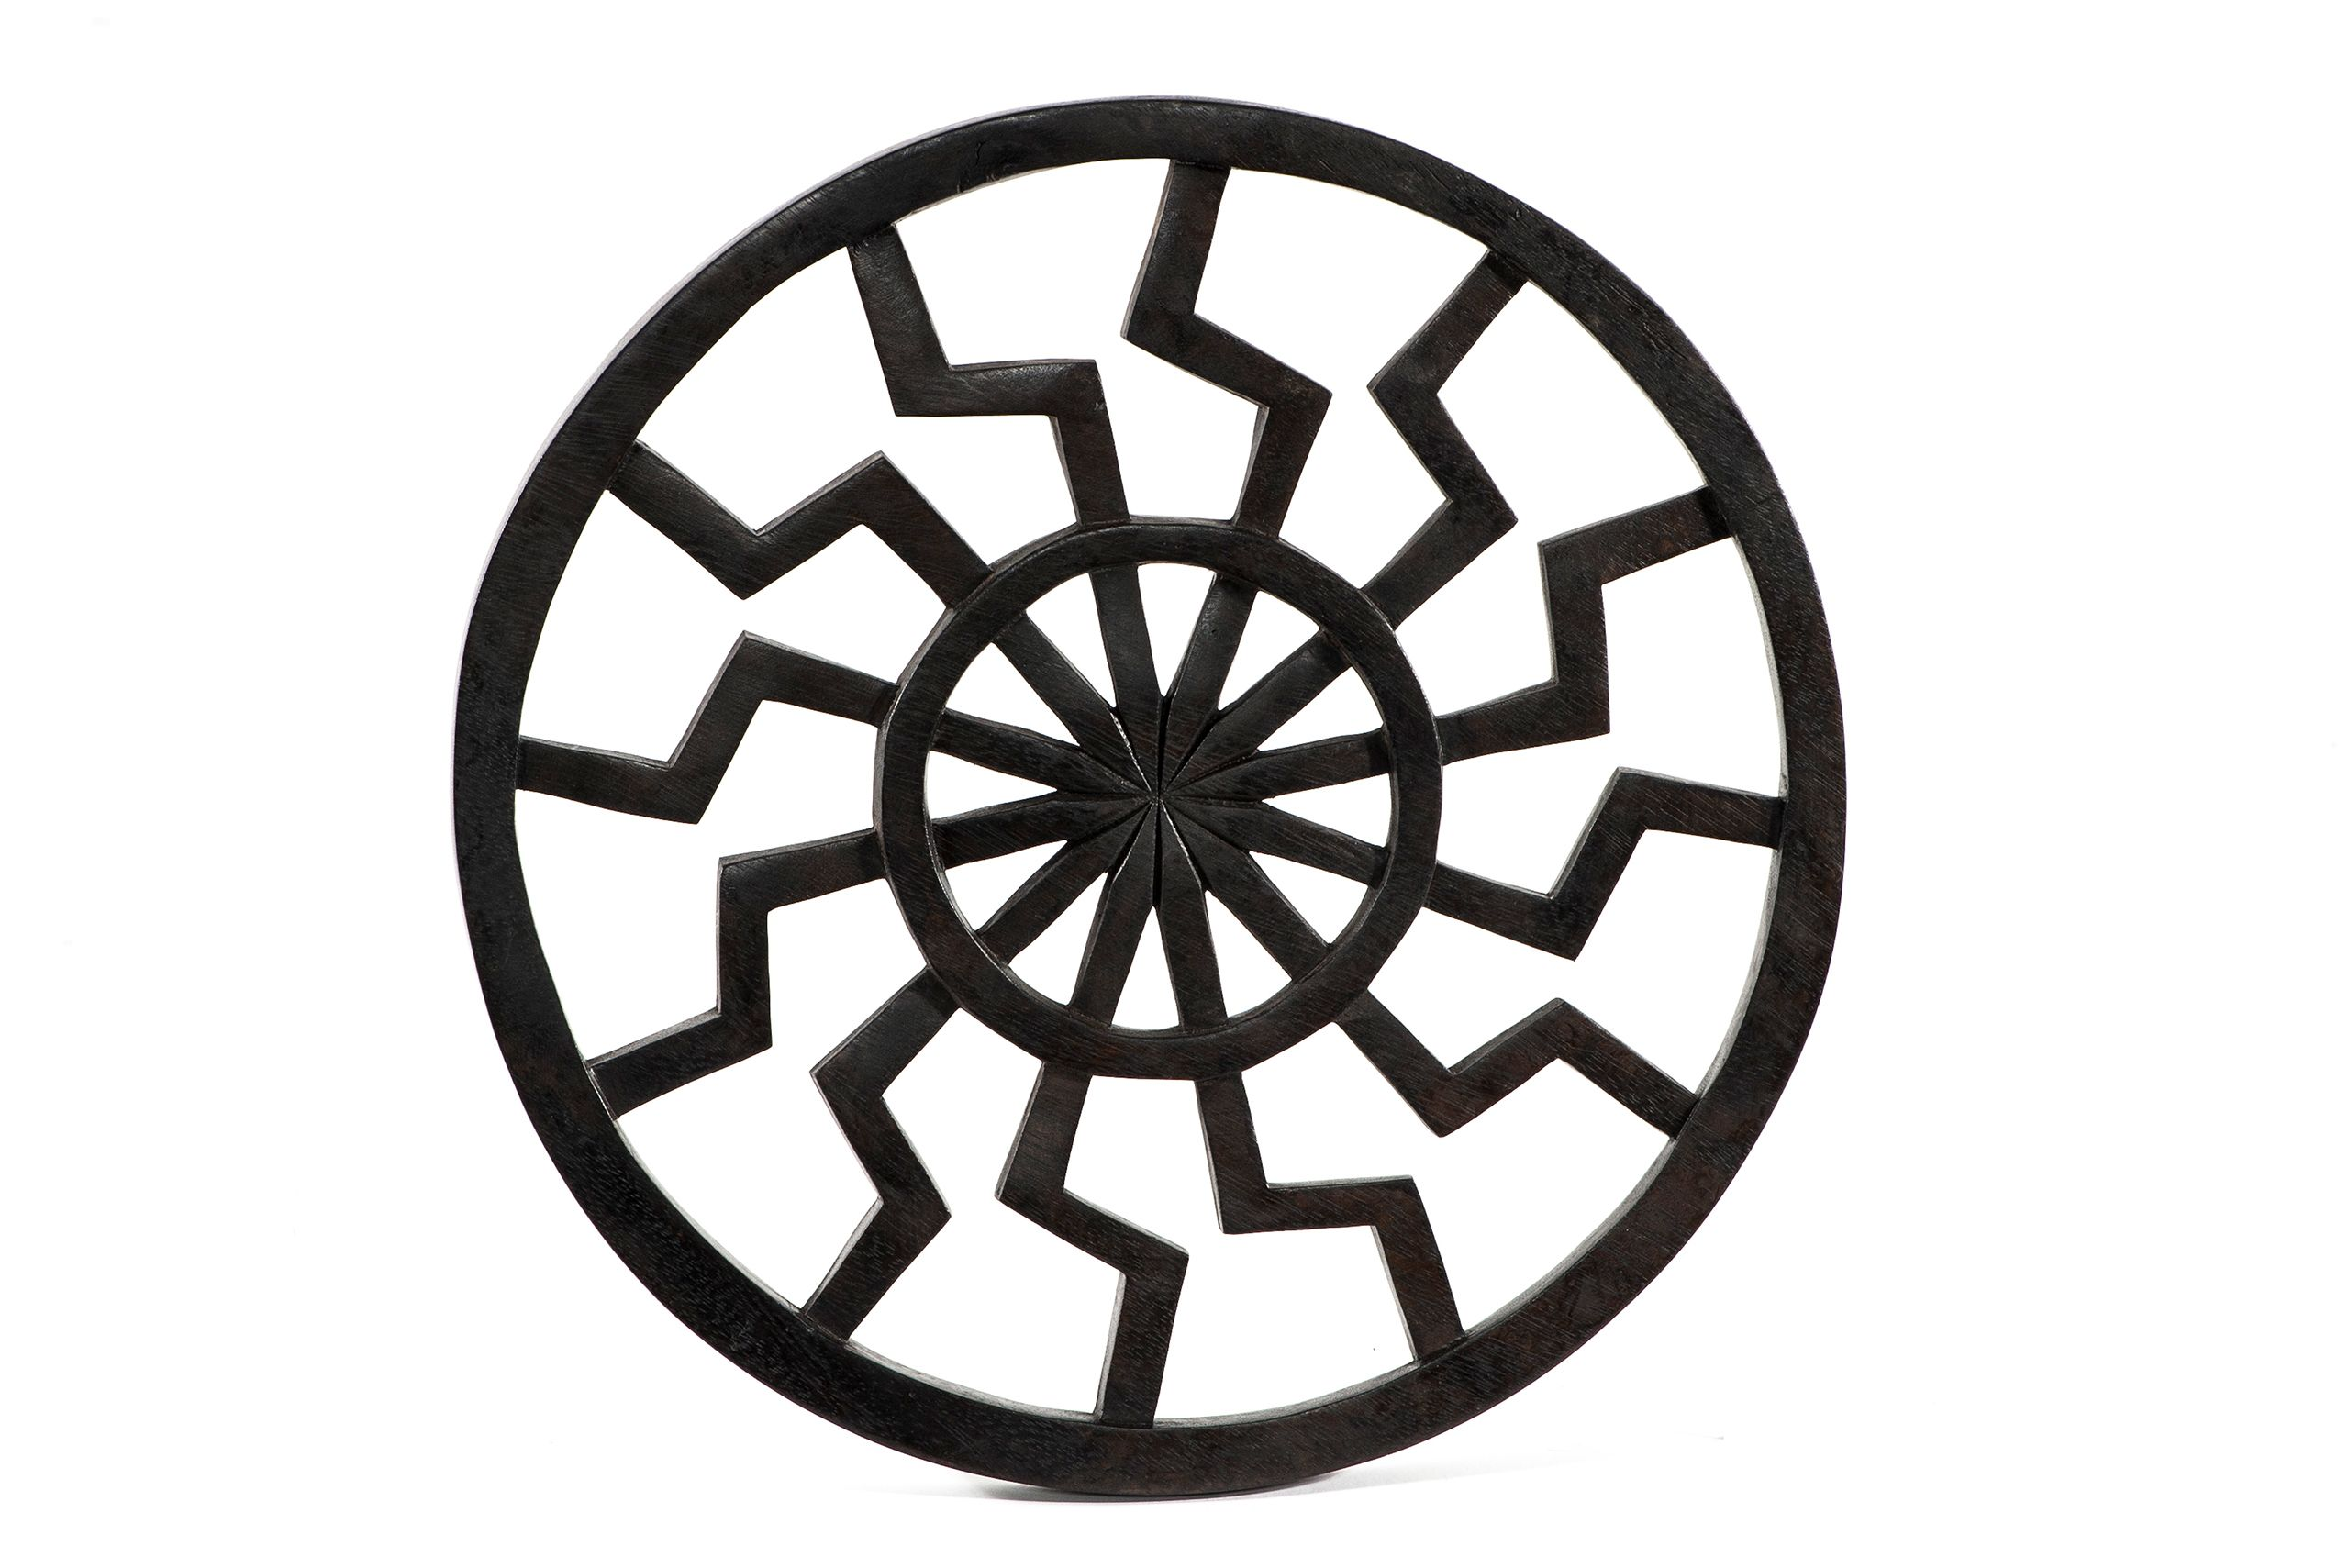 deutsches warenhaus wanddeko schwarze sonne 22 cm schwarz aus holz. Black Bedroom Furniture Sets. Home Design Ideas